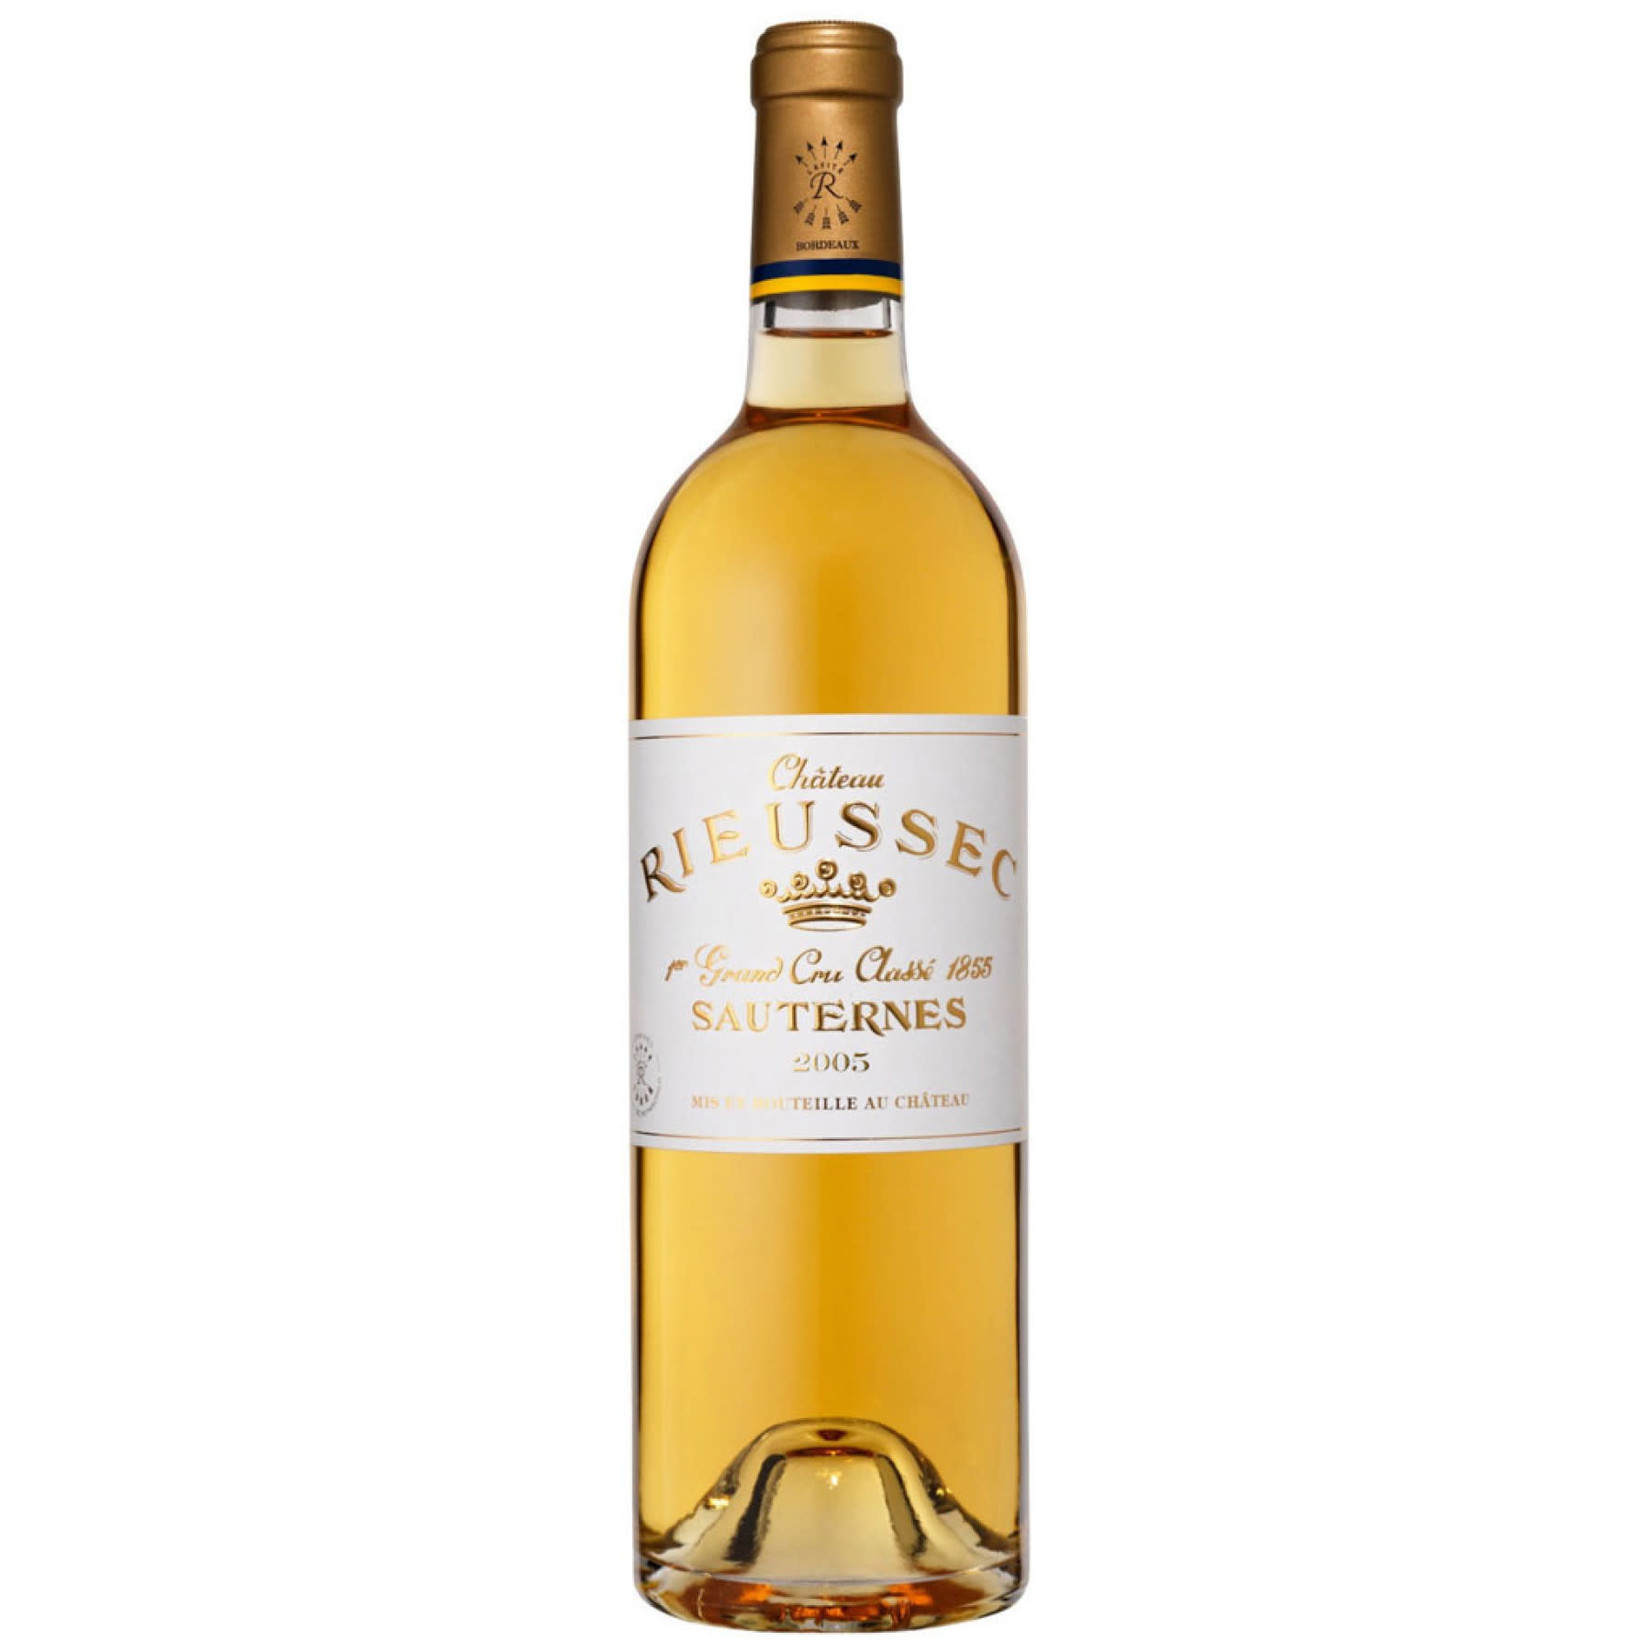 Wine Chateau Rieussec Sauternes 2005